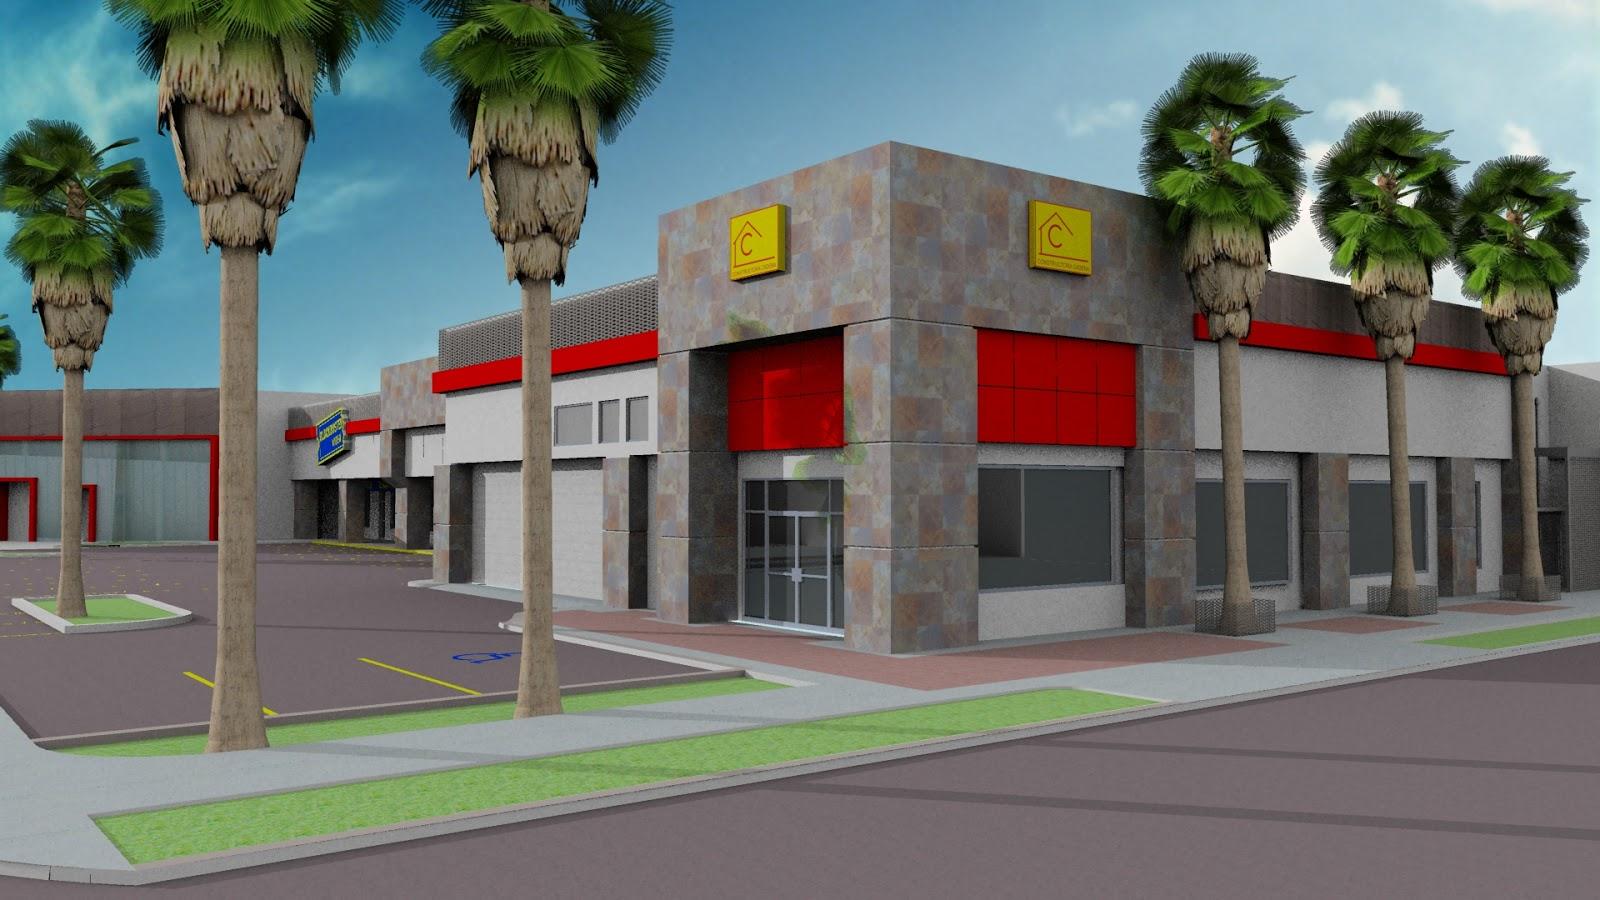 Remodelaci n del centro comercial caliente constructora cadena mexicali b c - Proyecto local comercial ...